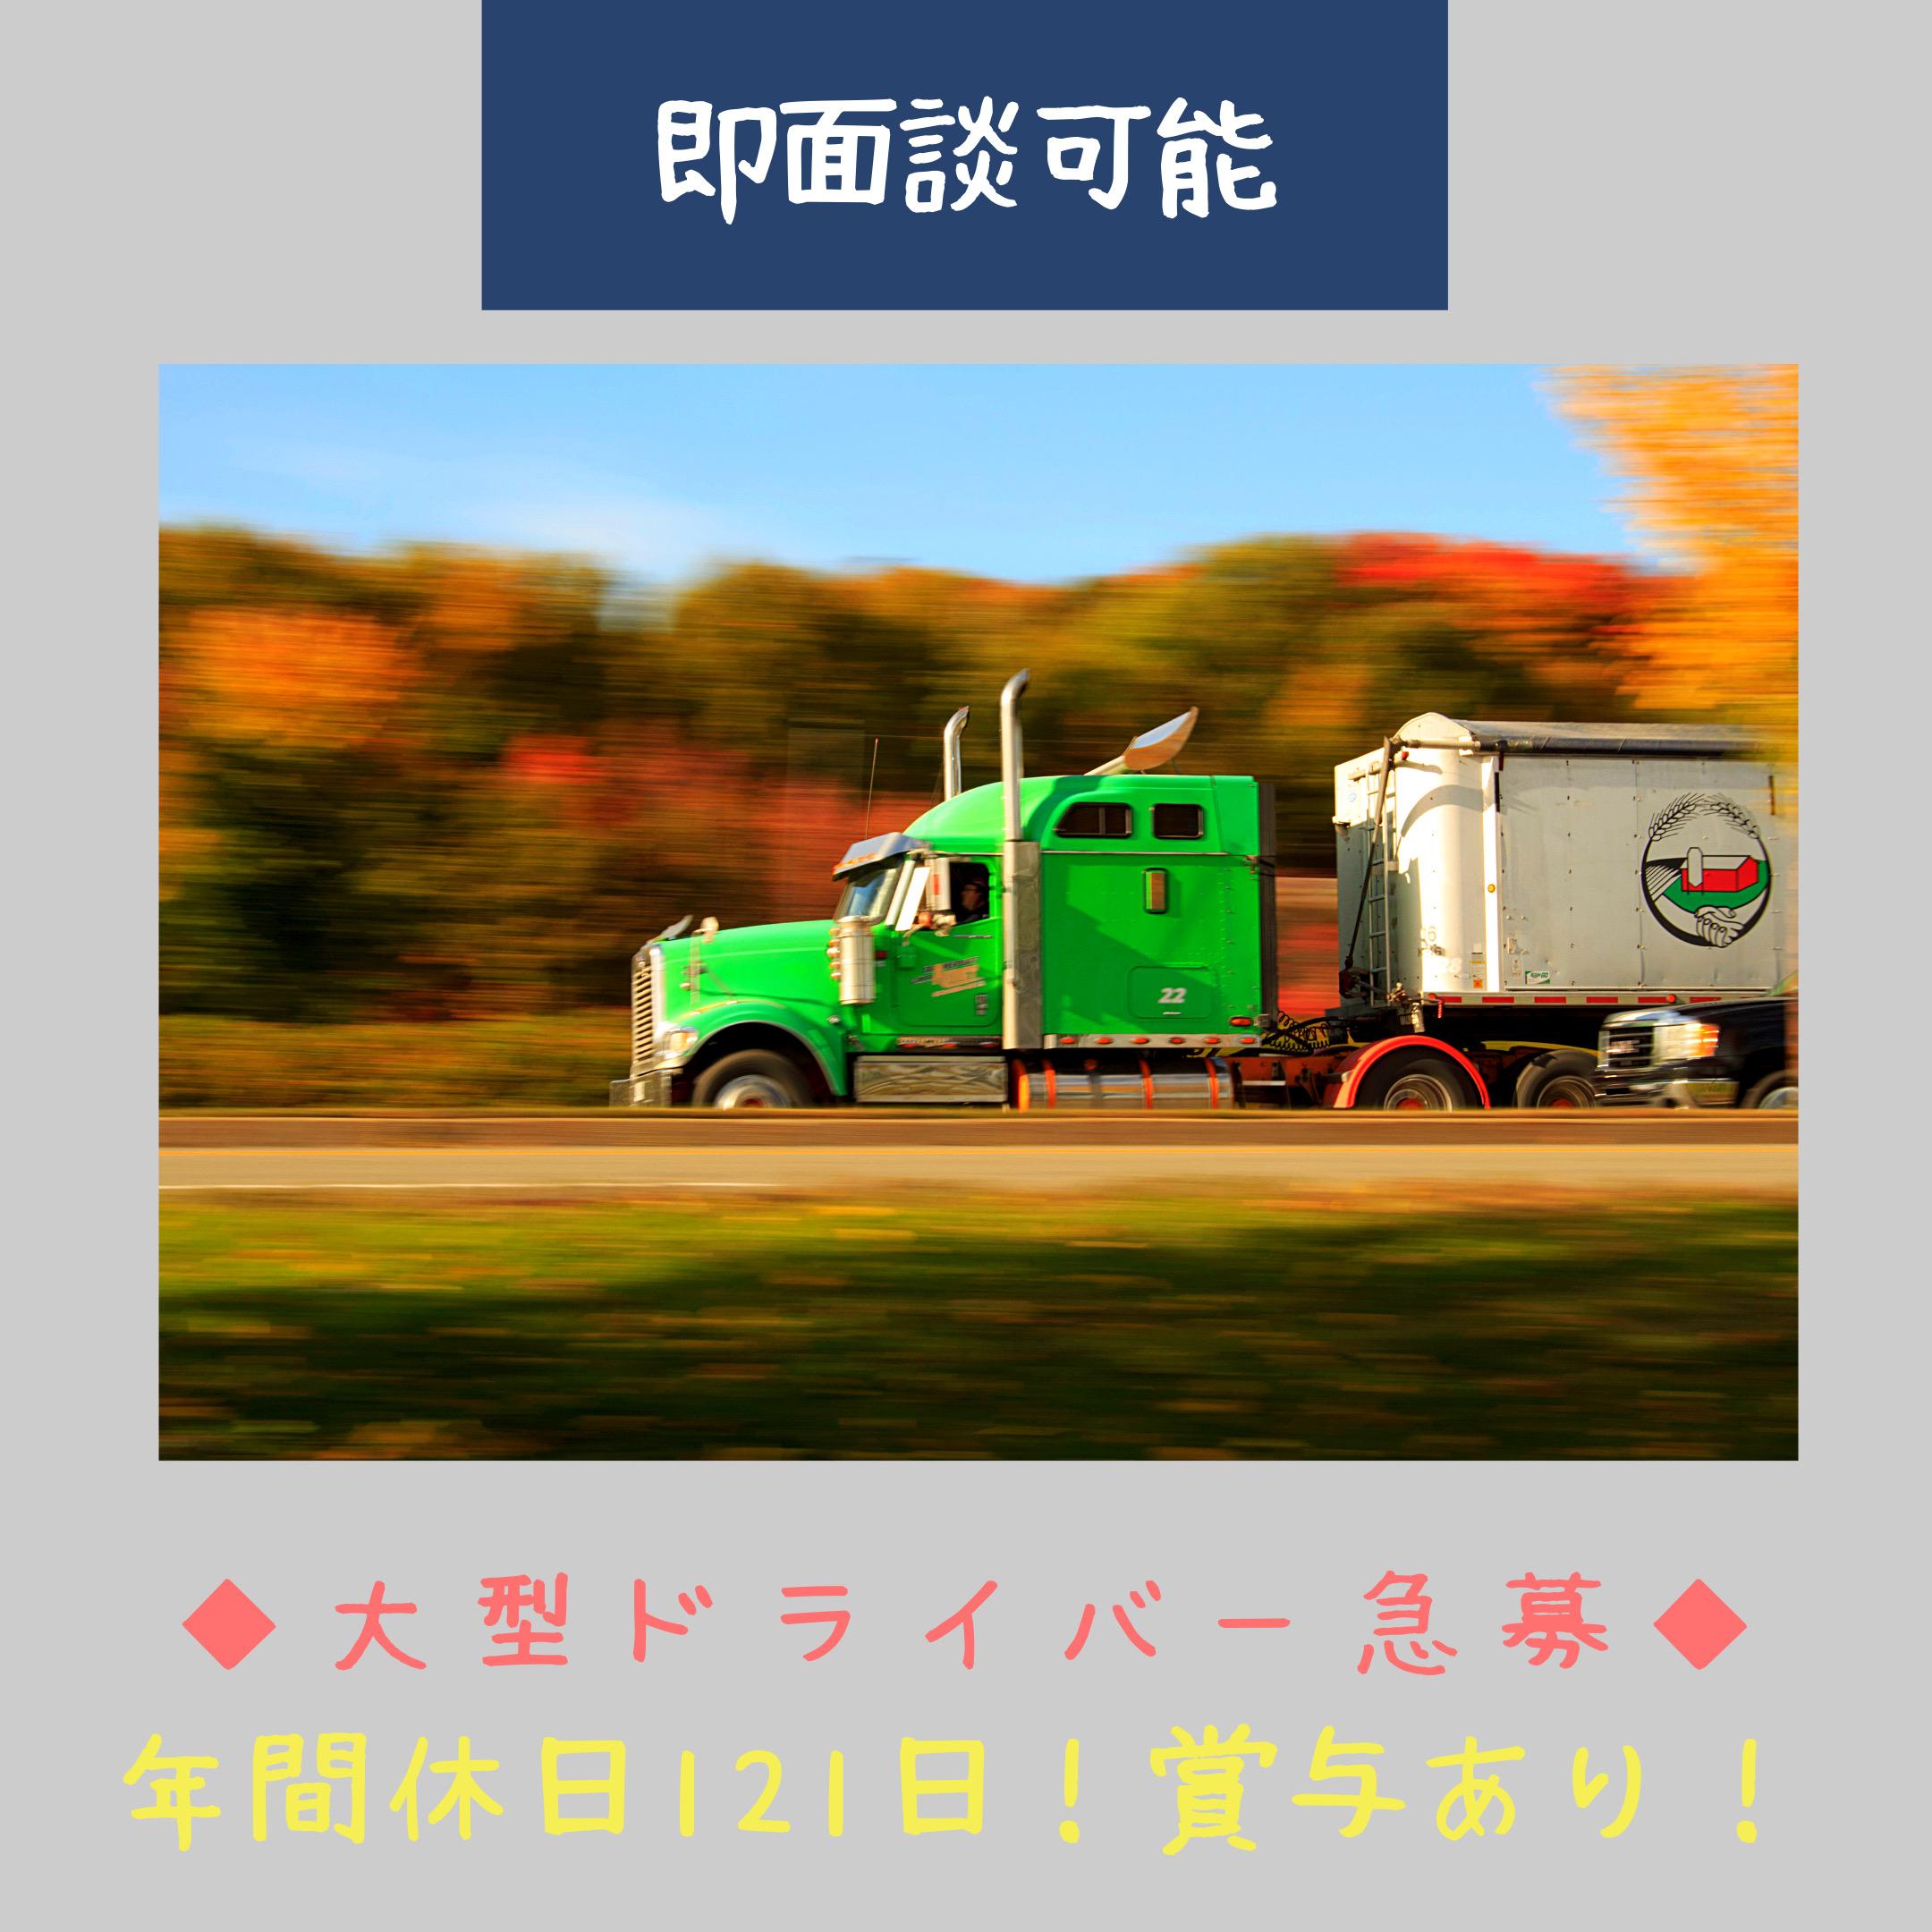 【急募】大型ドライバー募集!!普通免許しかないドライバー未経験者もOK♪年間休日121日&日帰り配送!! イメージ